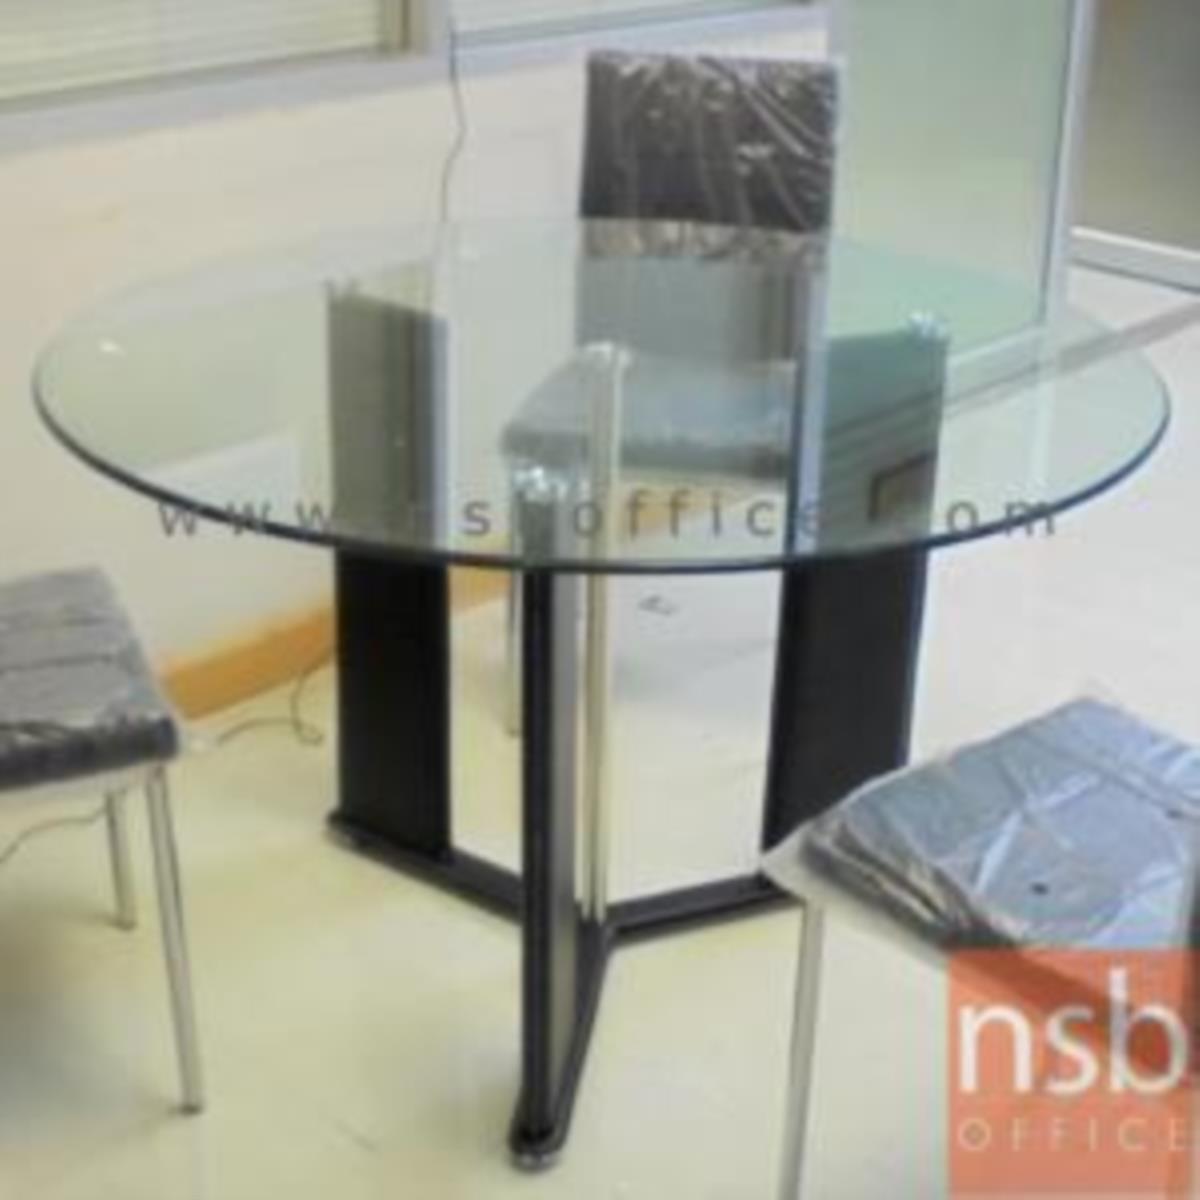 โต๊ะกลมหน้ากระจก รุ่น Phillip (ฟิลลิป) ขนาด 120Di ,150Di cm.  ขาเหล็กหุ้มหนัง